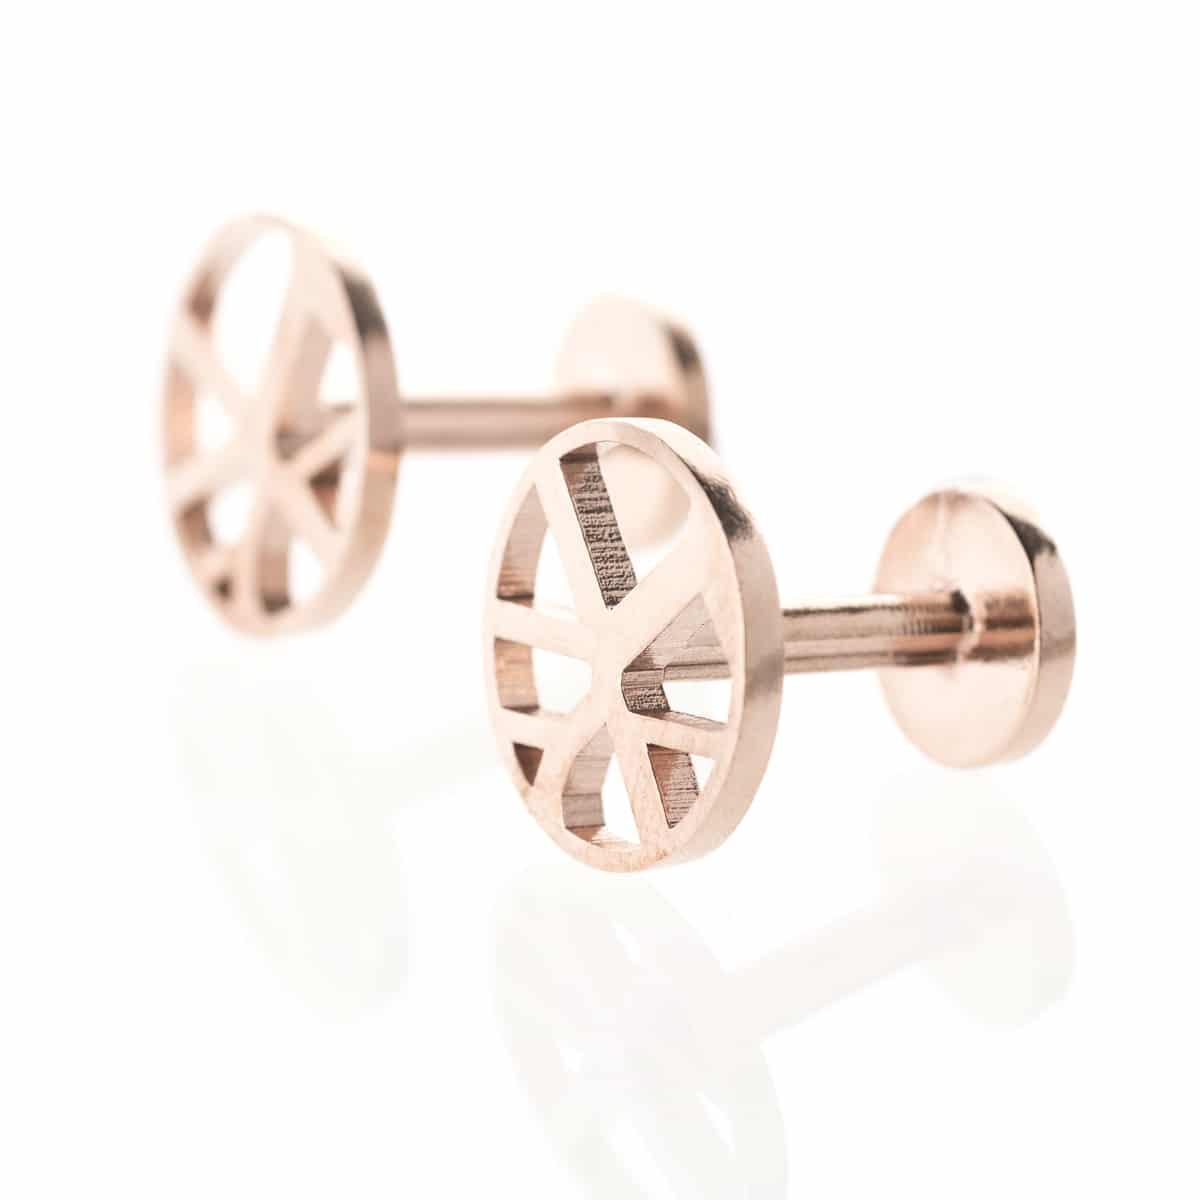 Voronoii-cufflinks-round-raw-bronze-1